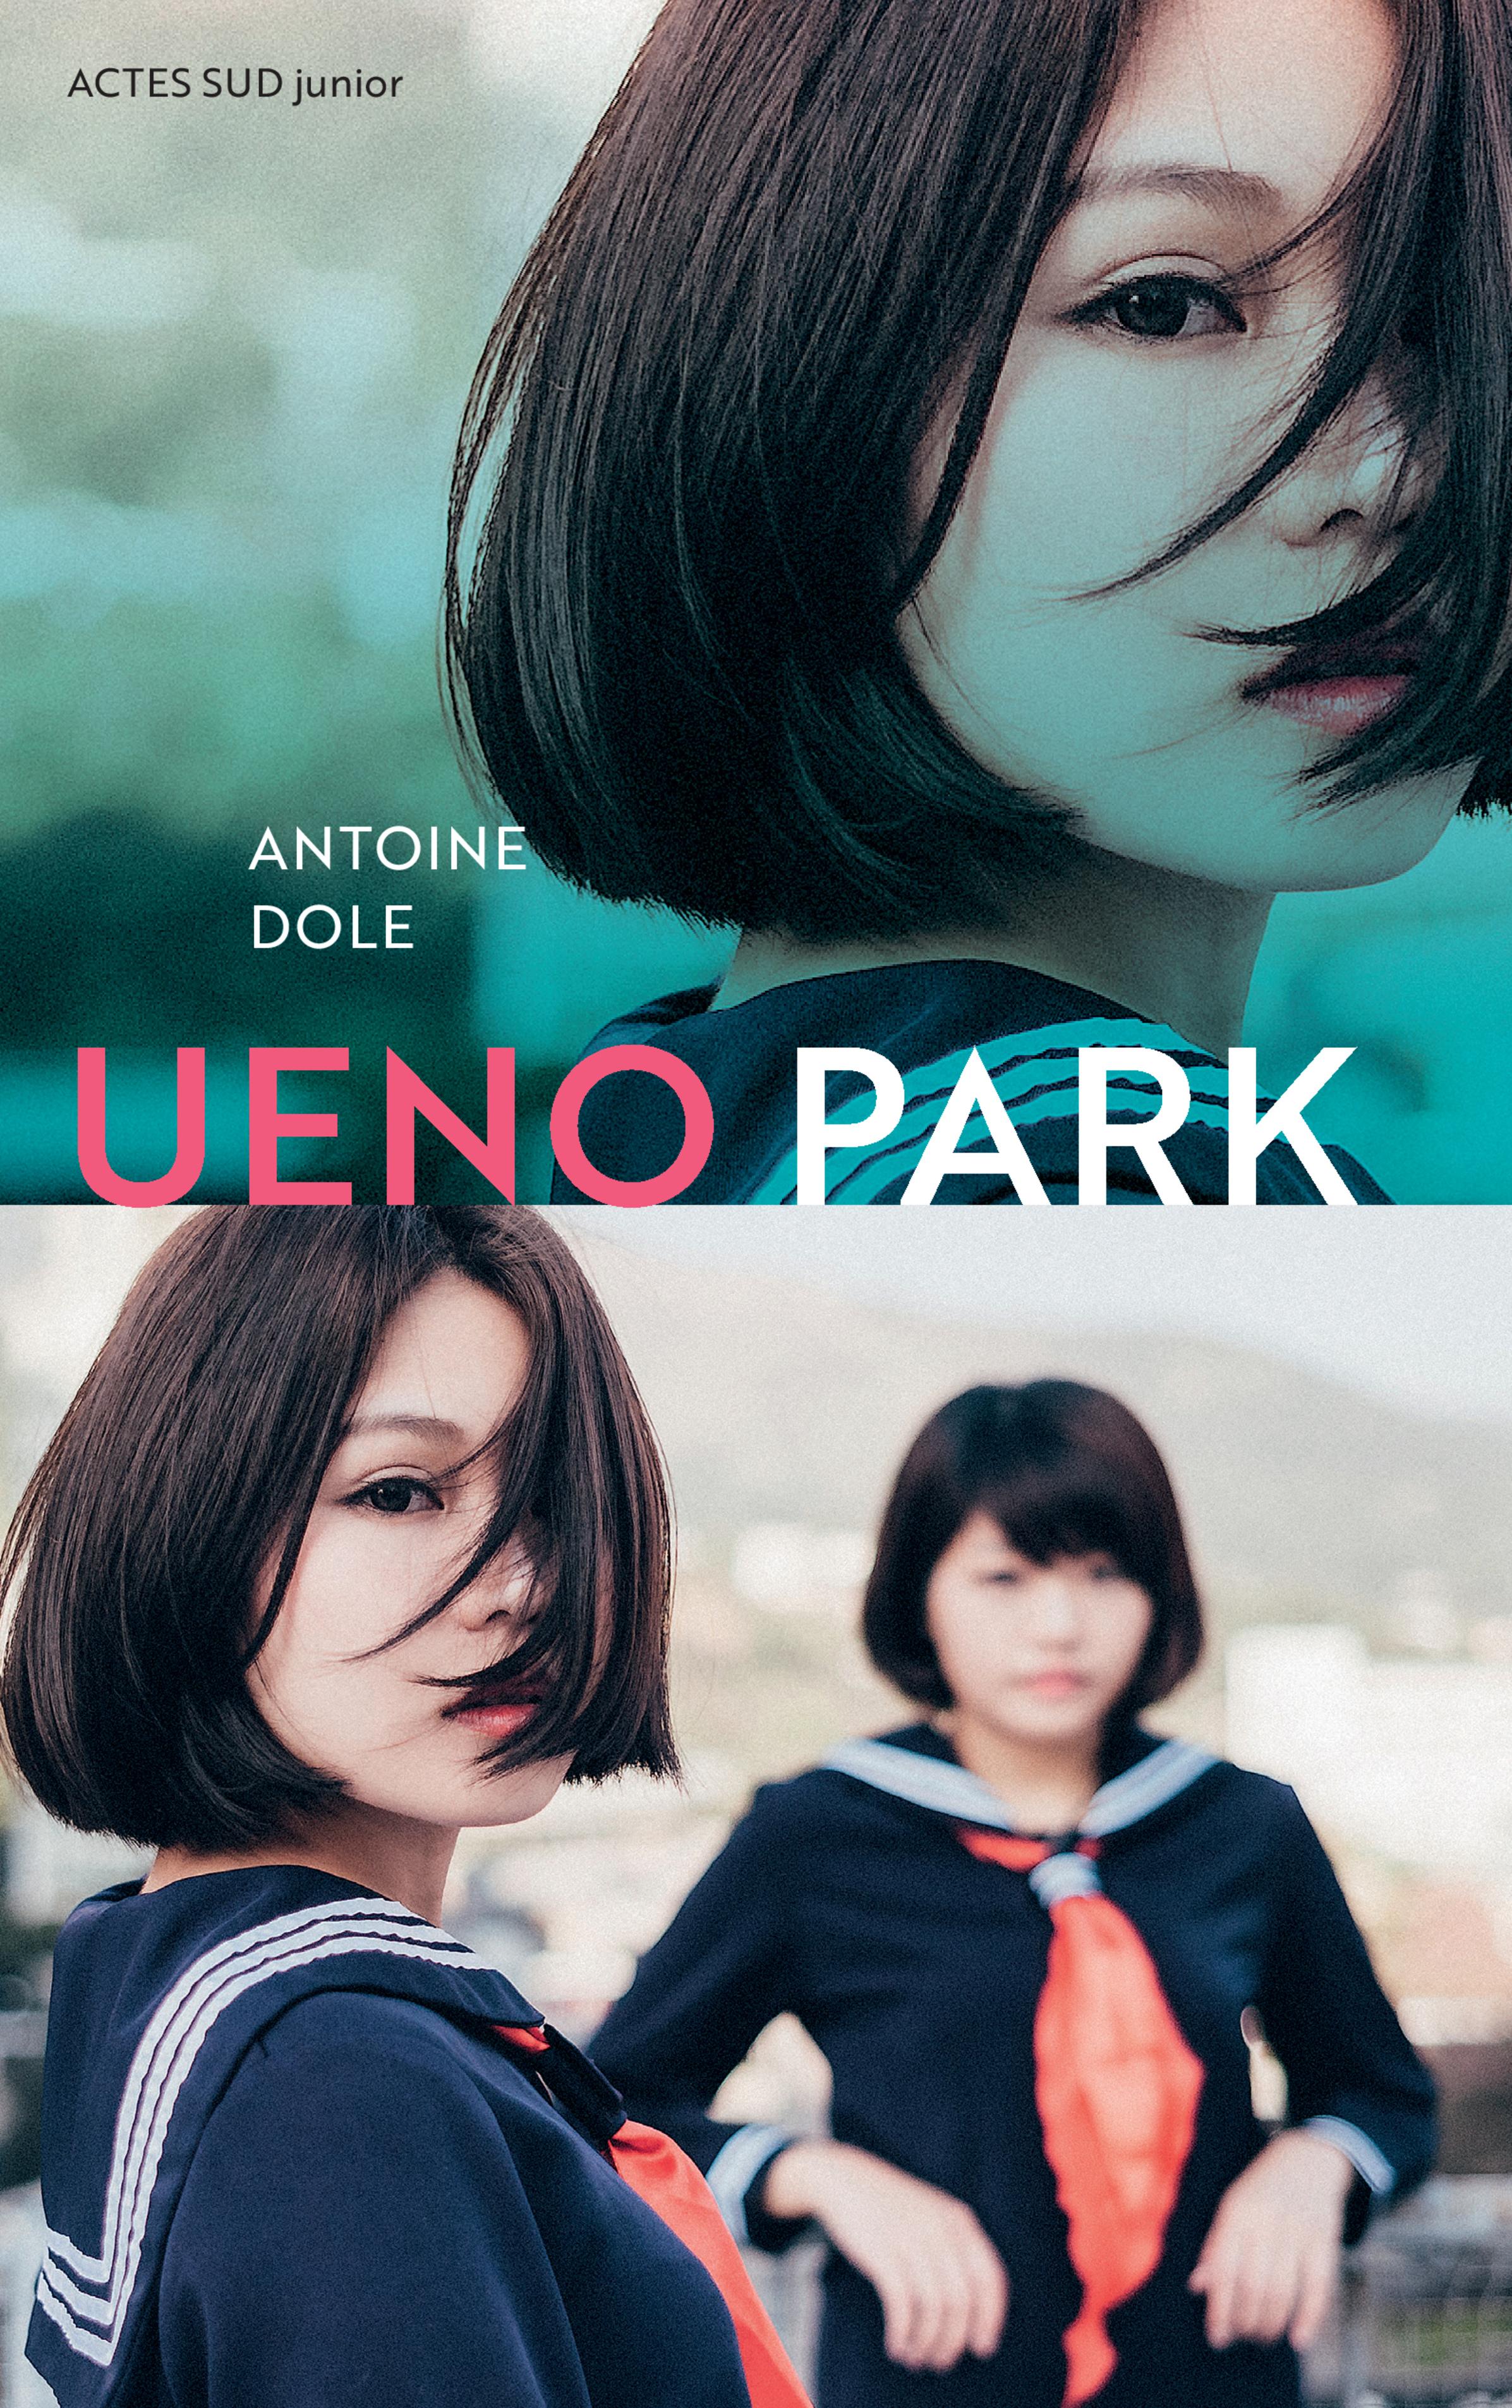 Ueno Park | Dole, Antoine